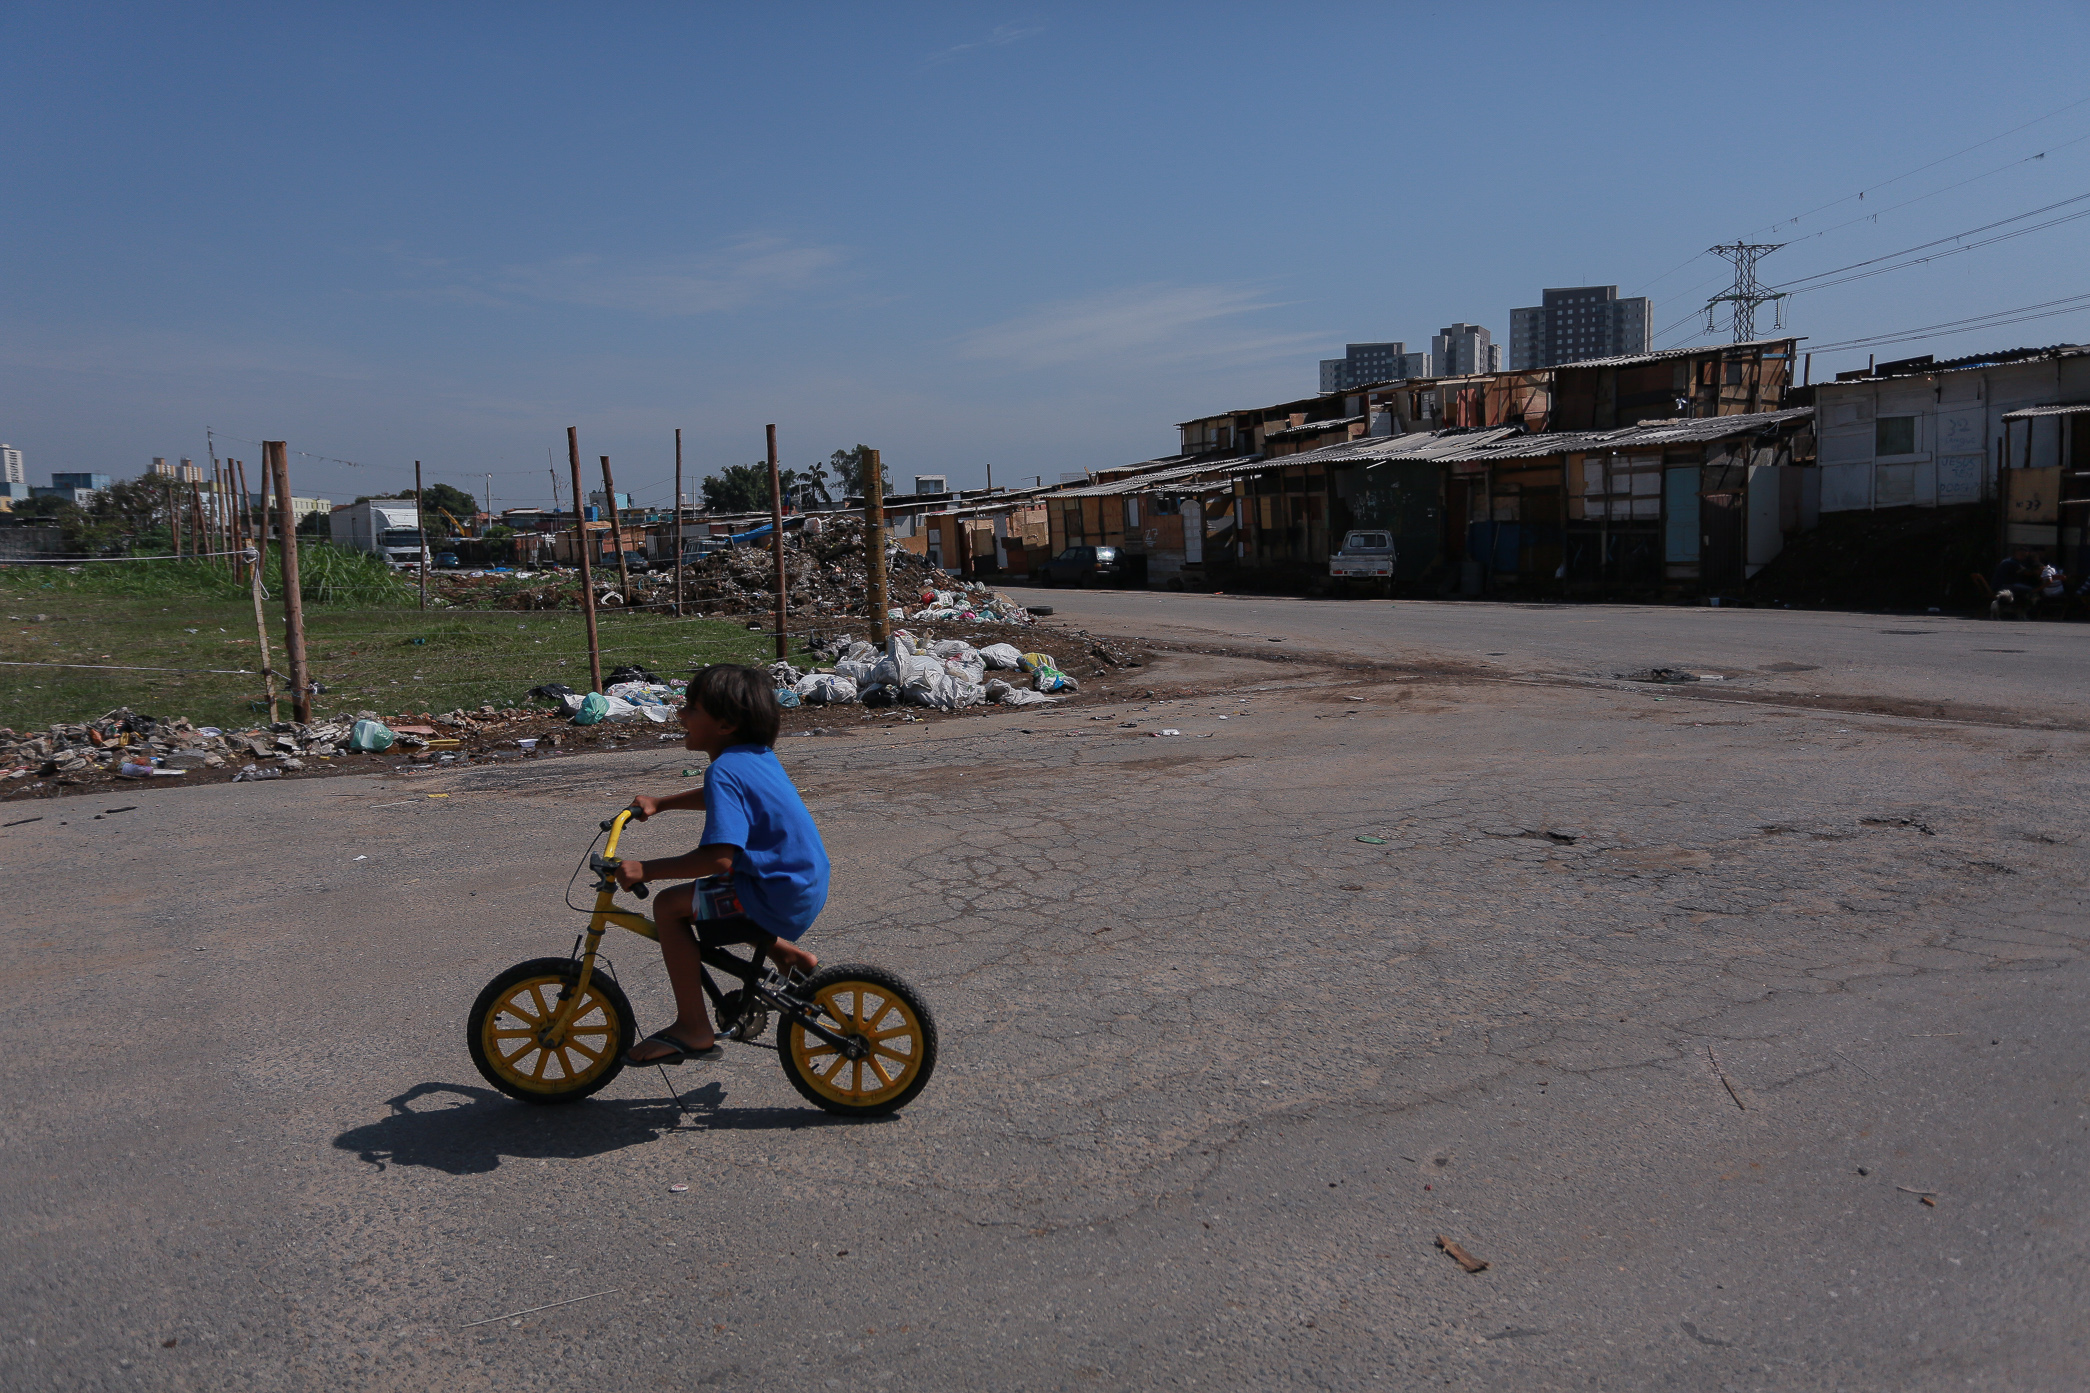 Cerca de 800 famílias estão ameaçadas de despejo na ocupação Viva Jardim Julieta